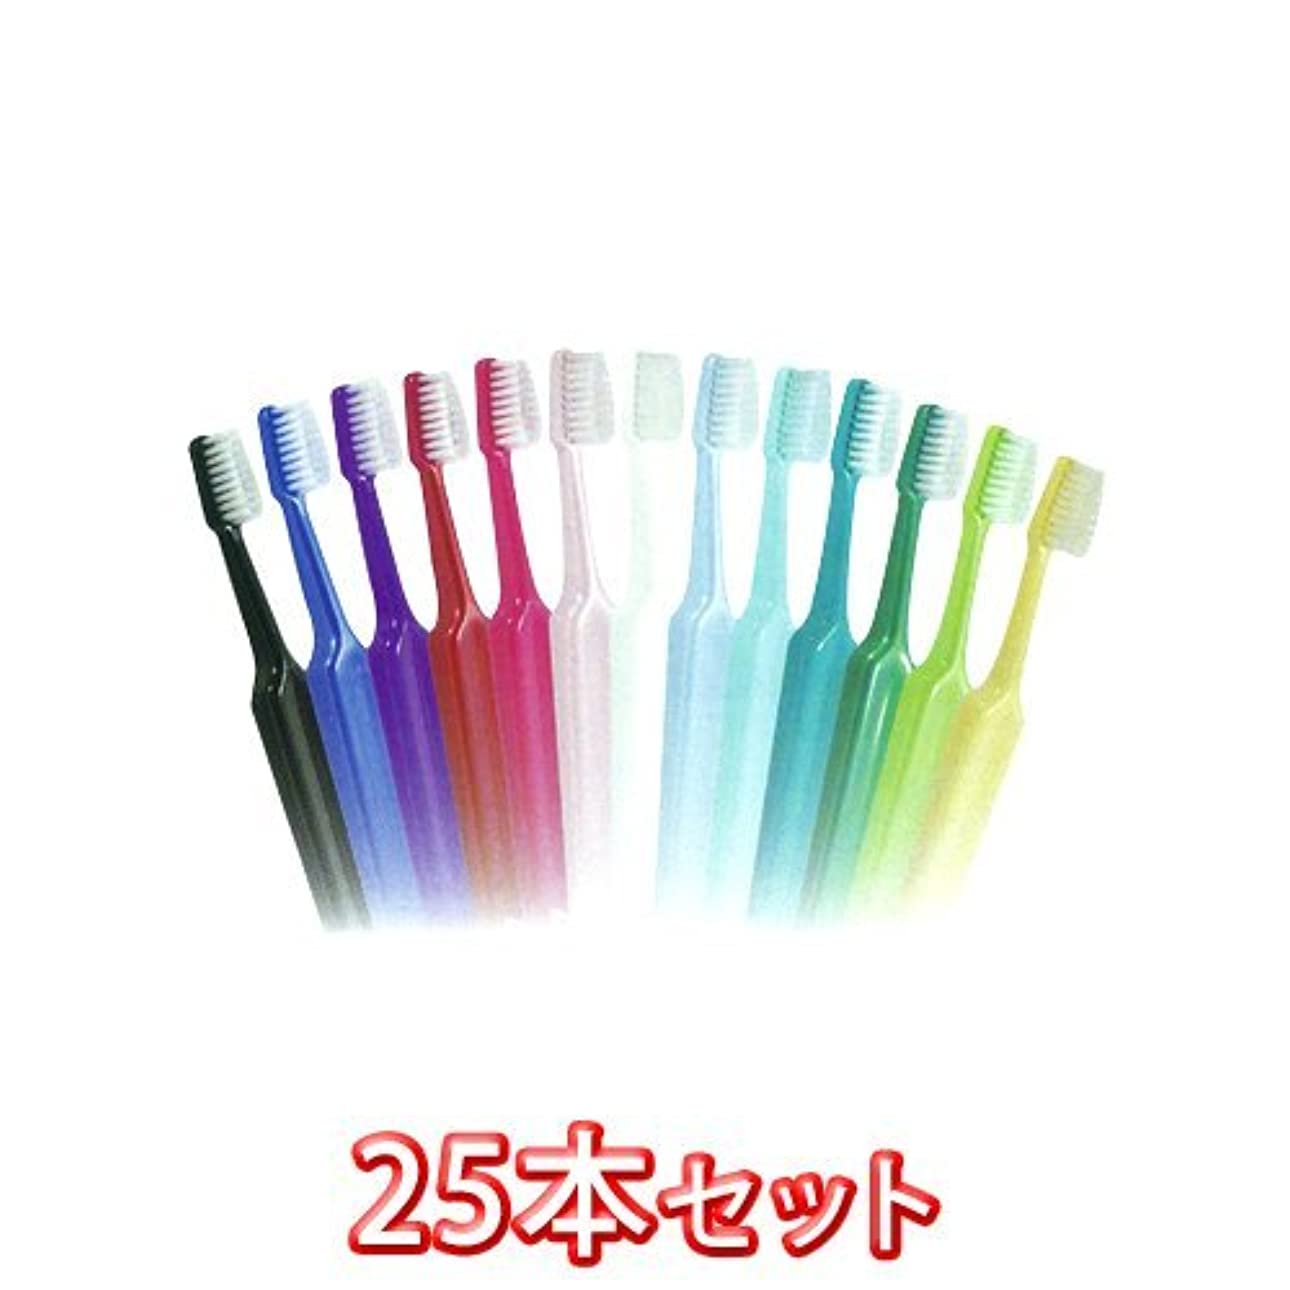 柔らかさ有限ガムTePeテペセレクトコンパクト歯ブラシ 25本(コンパクトエクストラソフト)